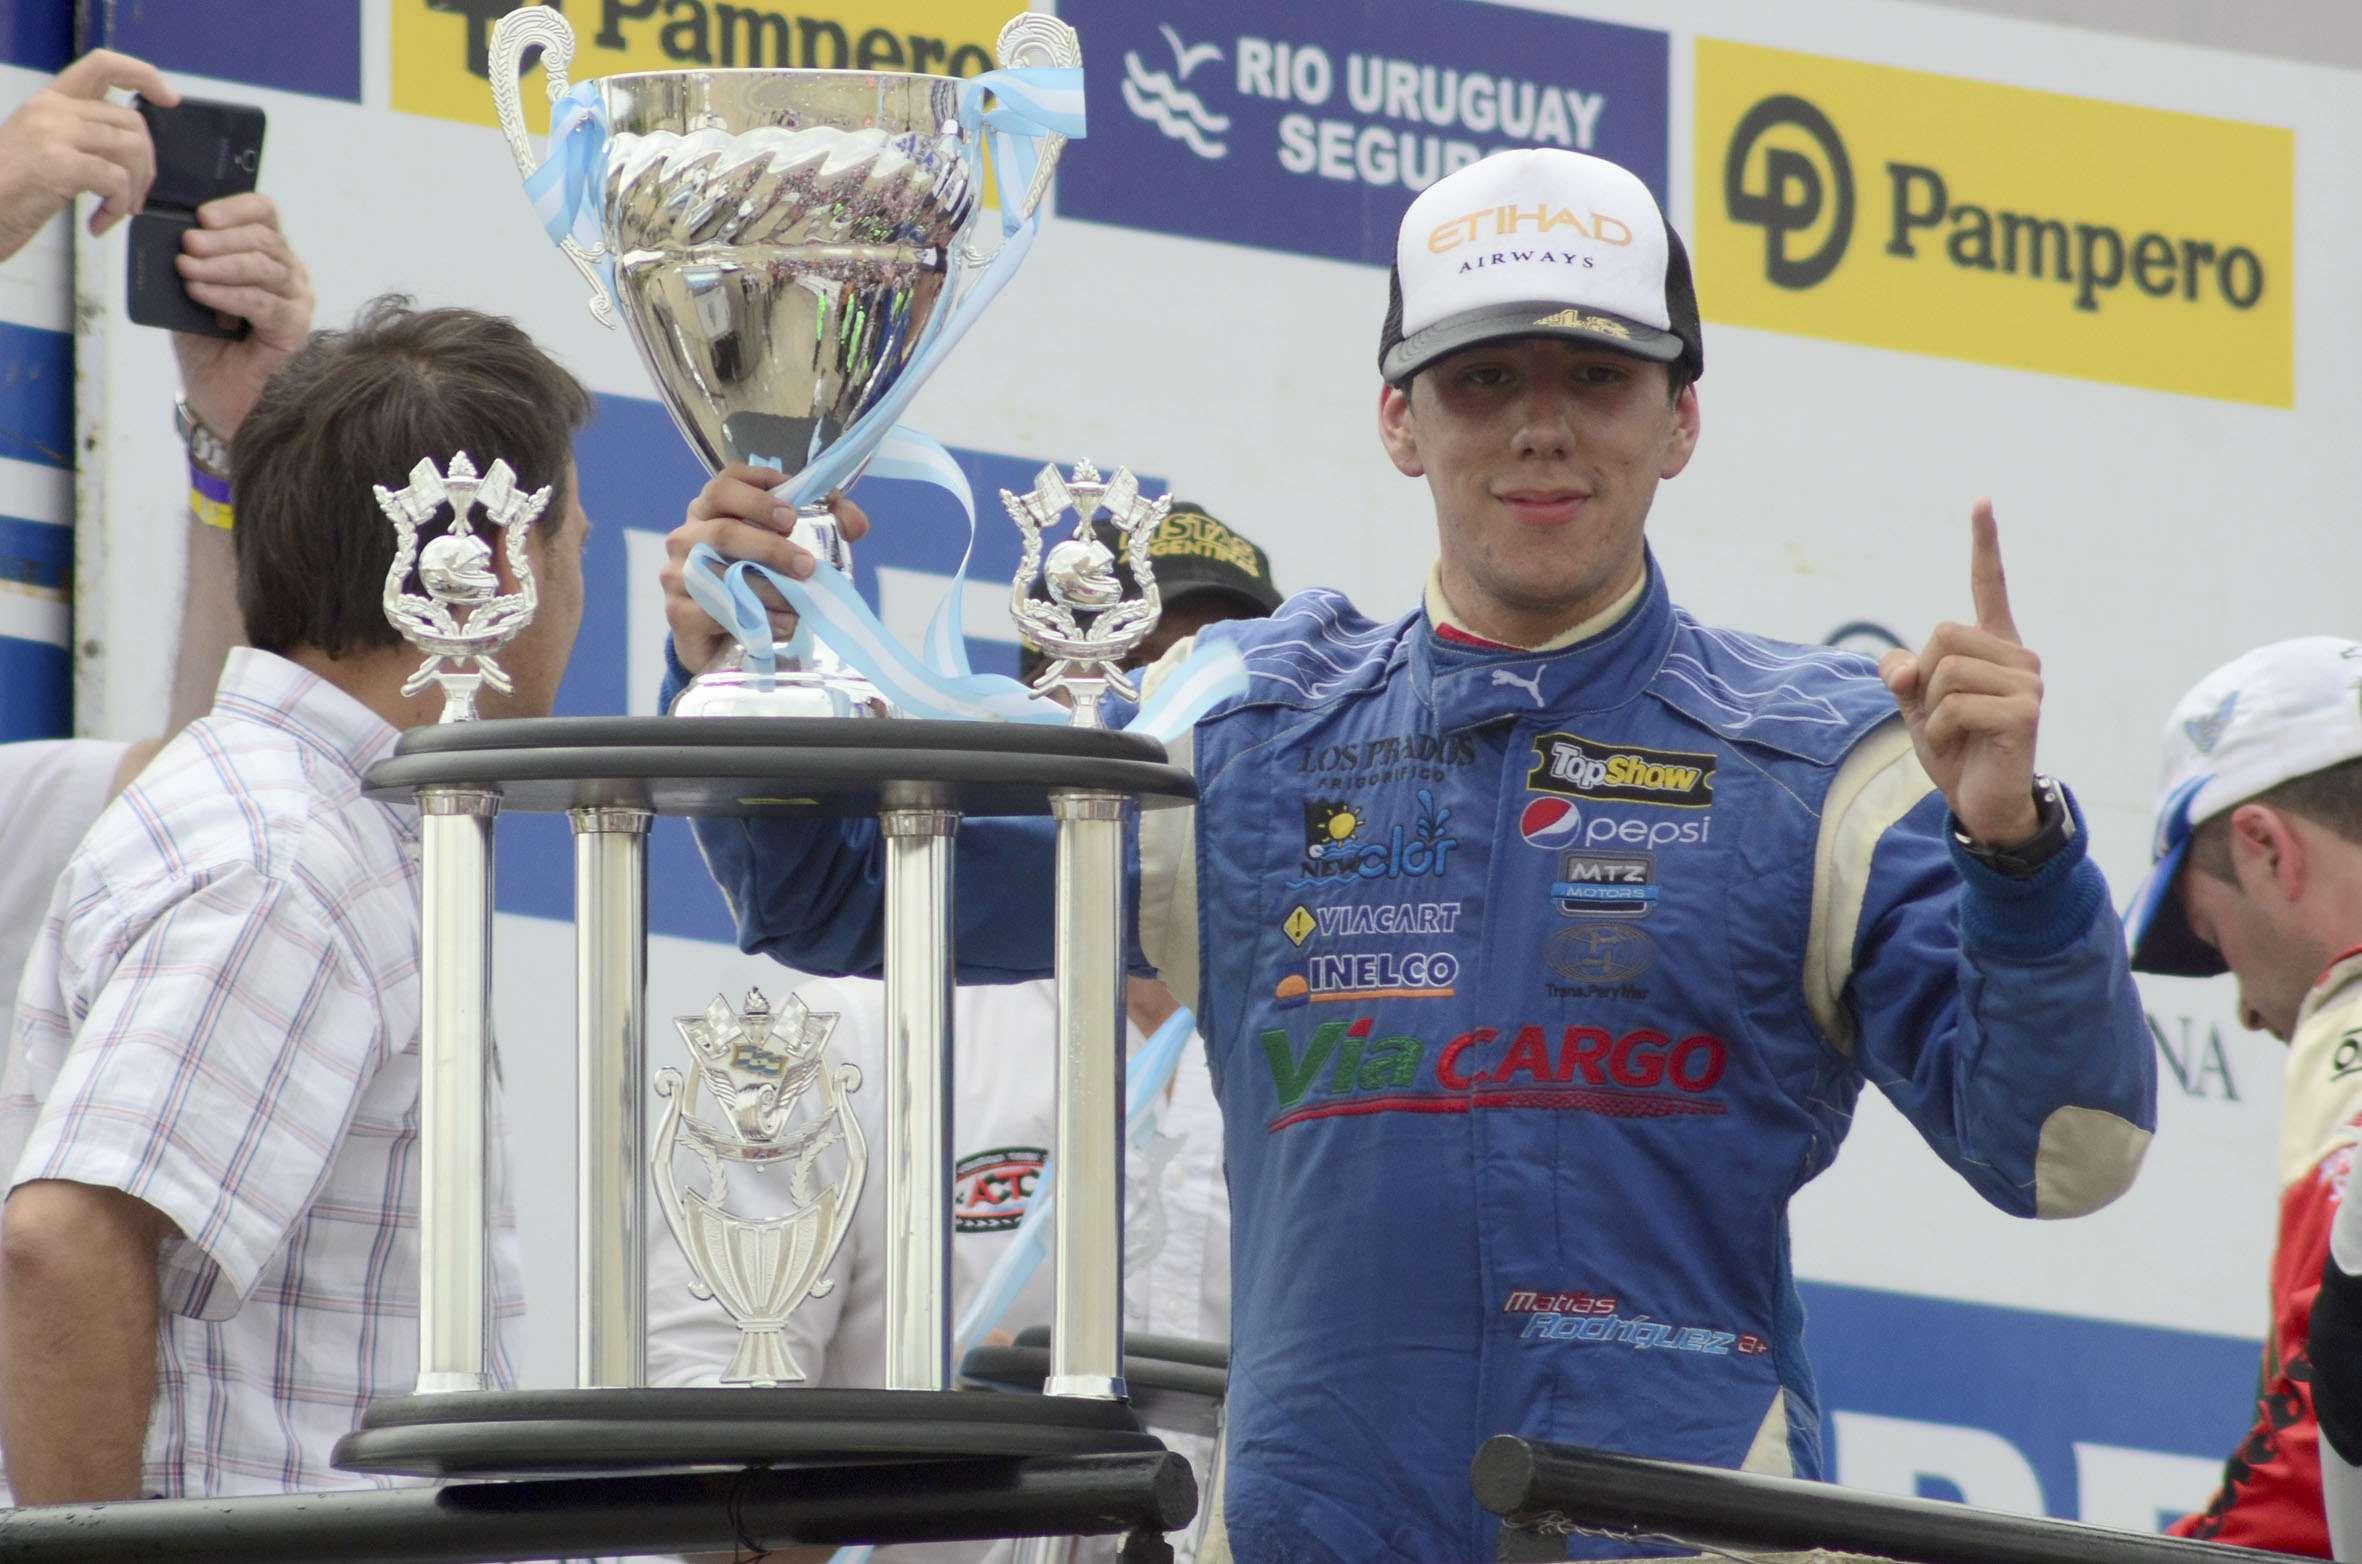 El piloto Matías Rodríguez (Dodge) se impuso en la penúltima carrera del Turismo Carretera (TC) Foto: NA